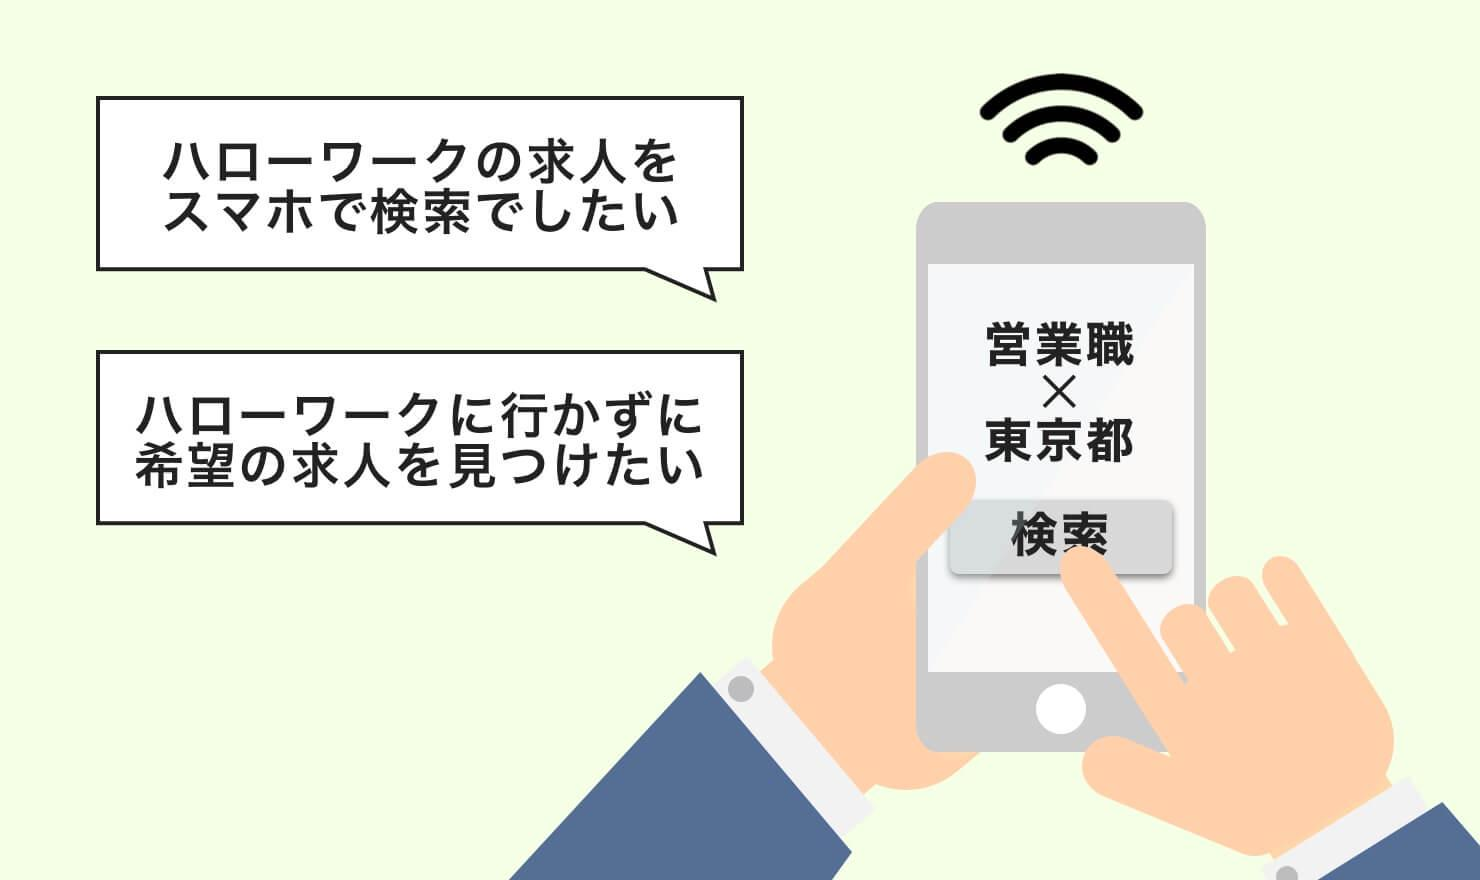 インターネットでハローワークの求人を検索する方法を紹介 | JOBSHIL